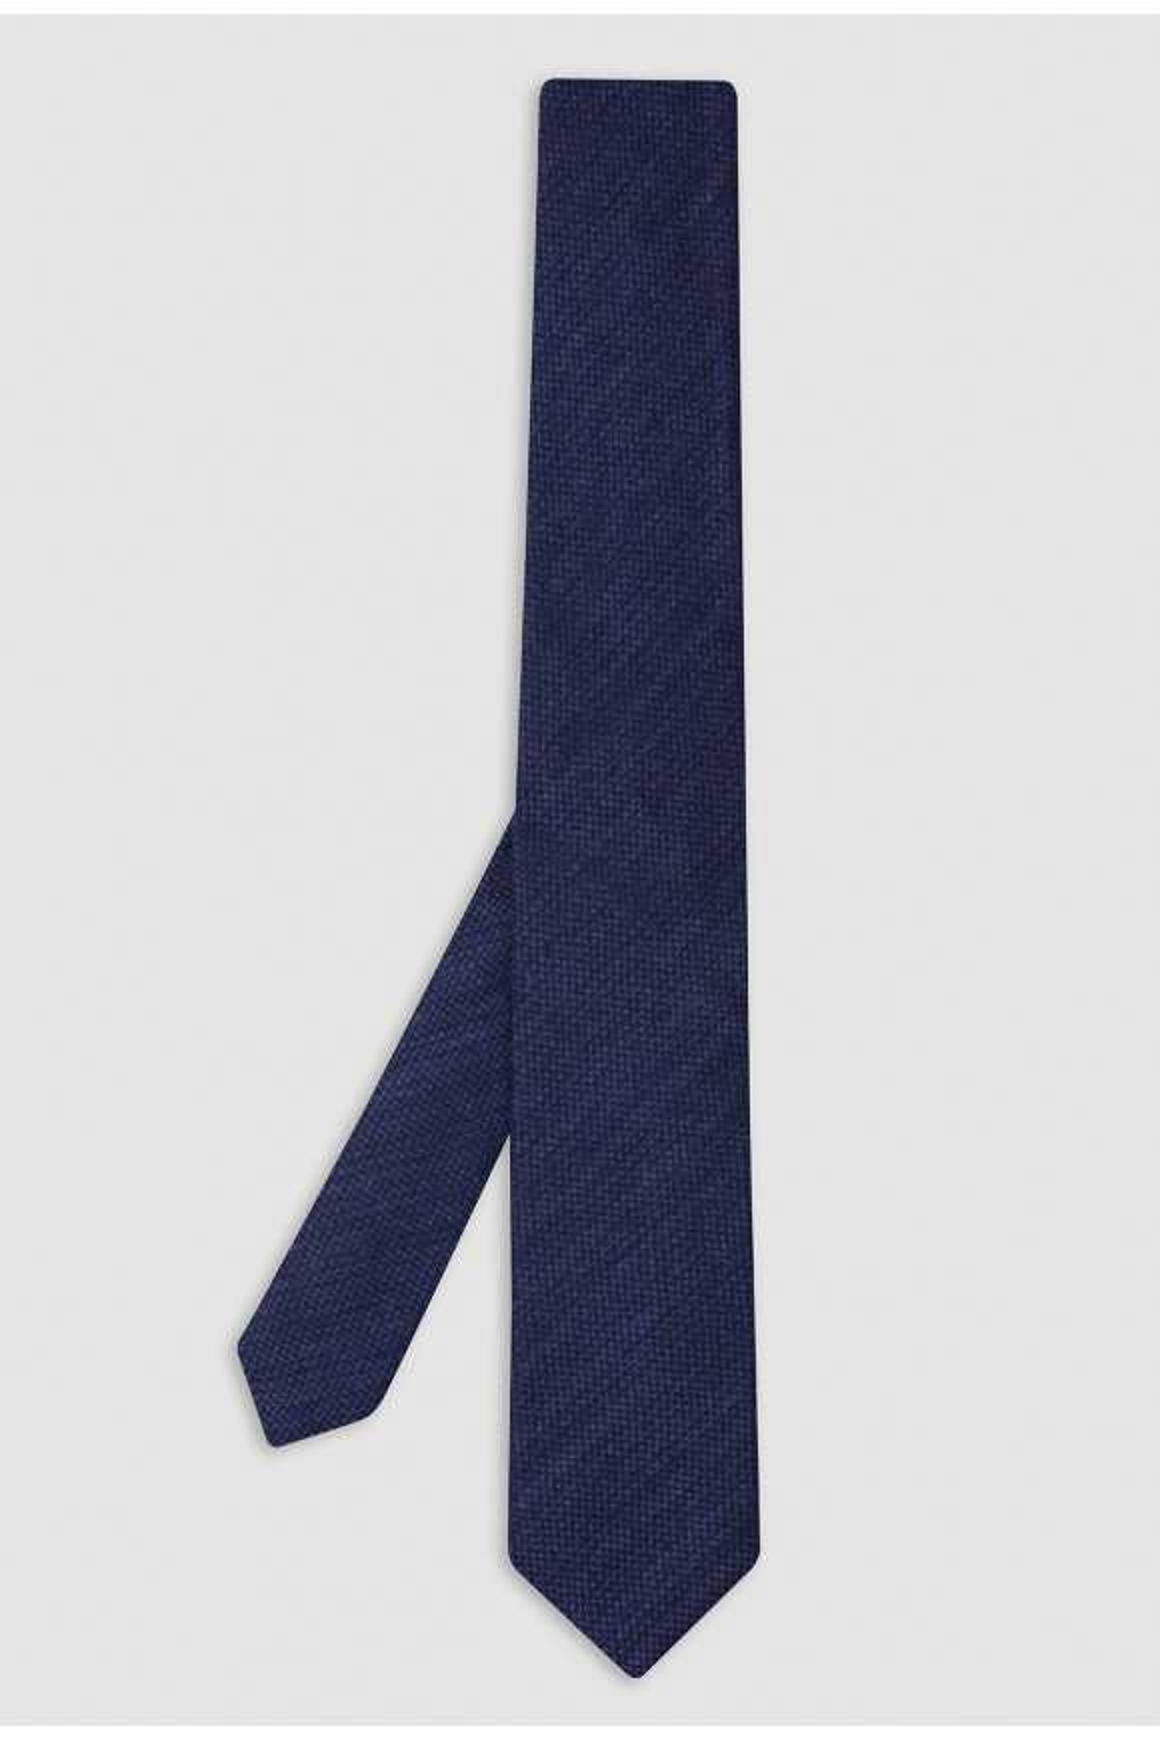 Cravate Bleu Laineuse Soie...